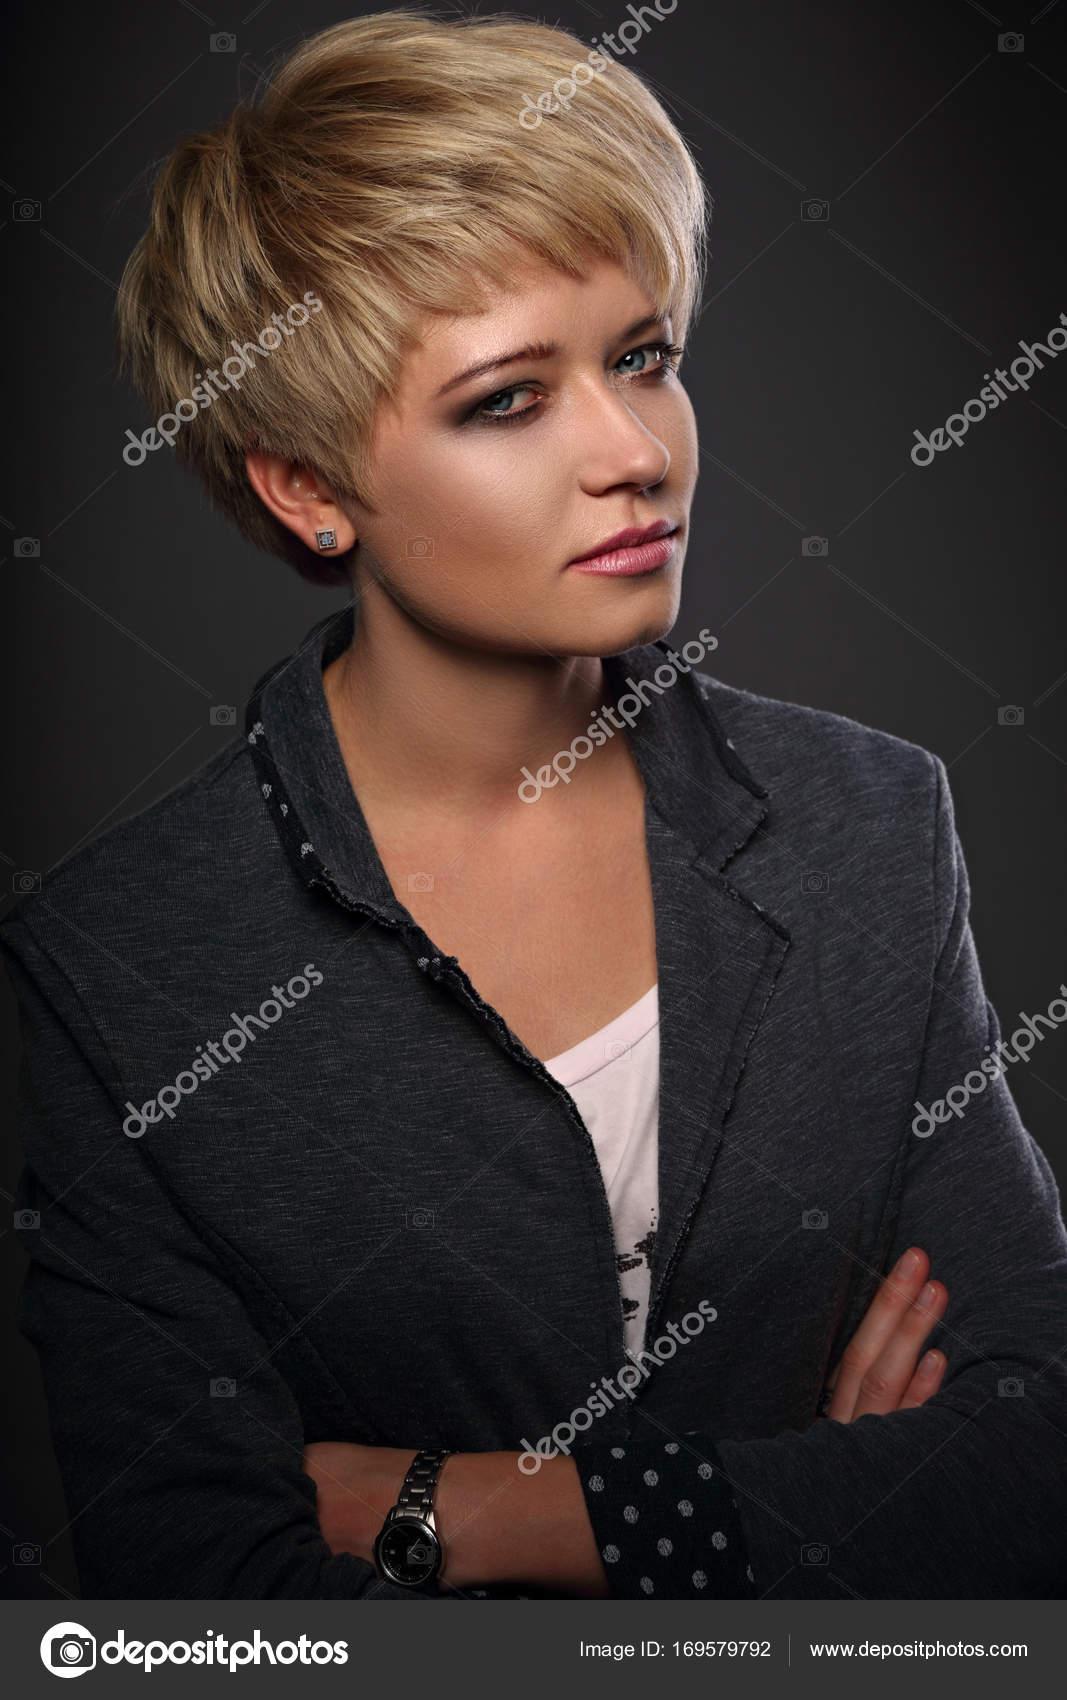 Kobieta Piękna Poważna Sprawa Z Blond Fryzury Bob Krótki Zdjęcie